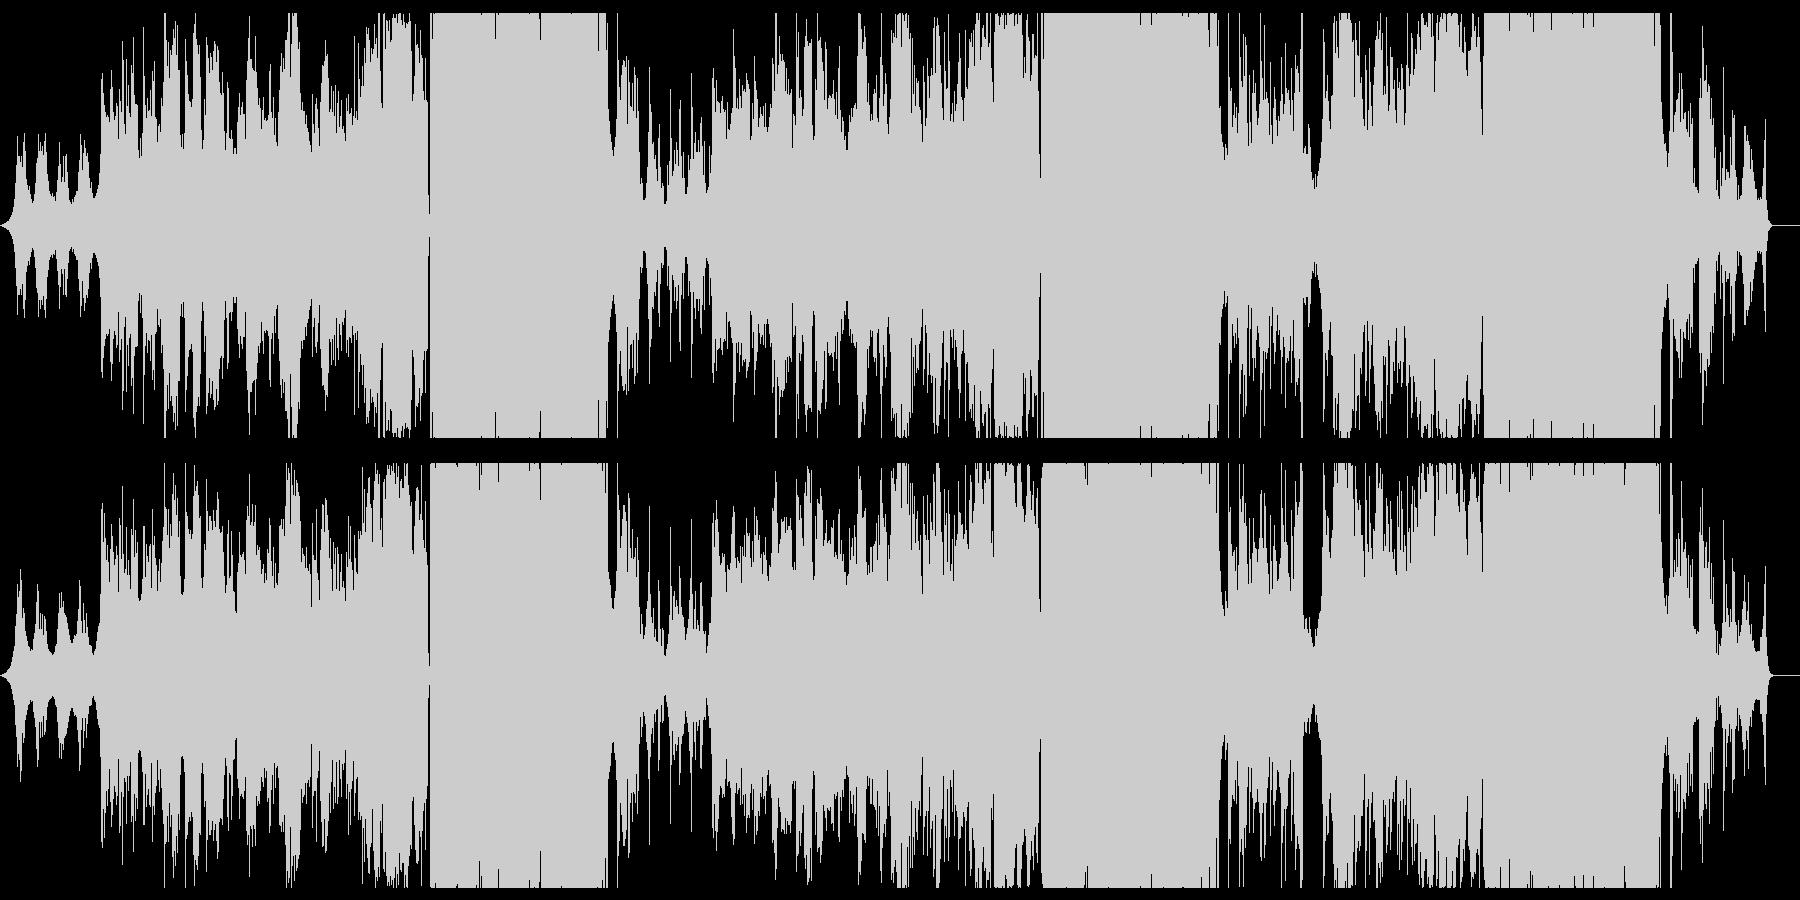 切ない女性ボーカルのバラード曲の未再生の波形